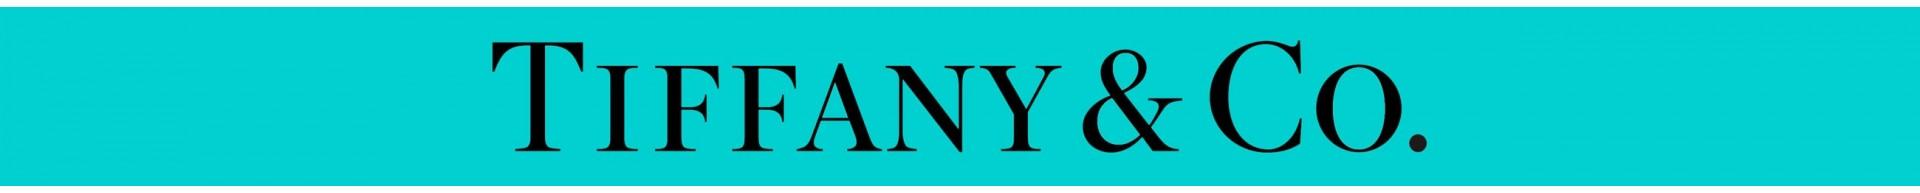 Perfumes Tiffany   CO. - Perfumes Paris - Perfumes París 8bf8c88cd1